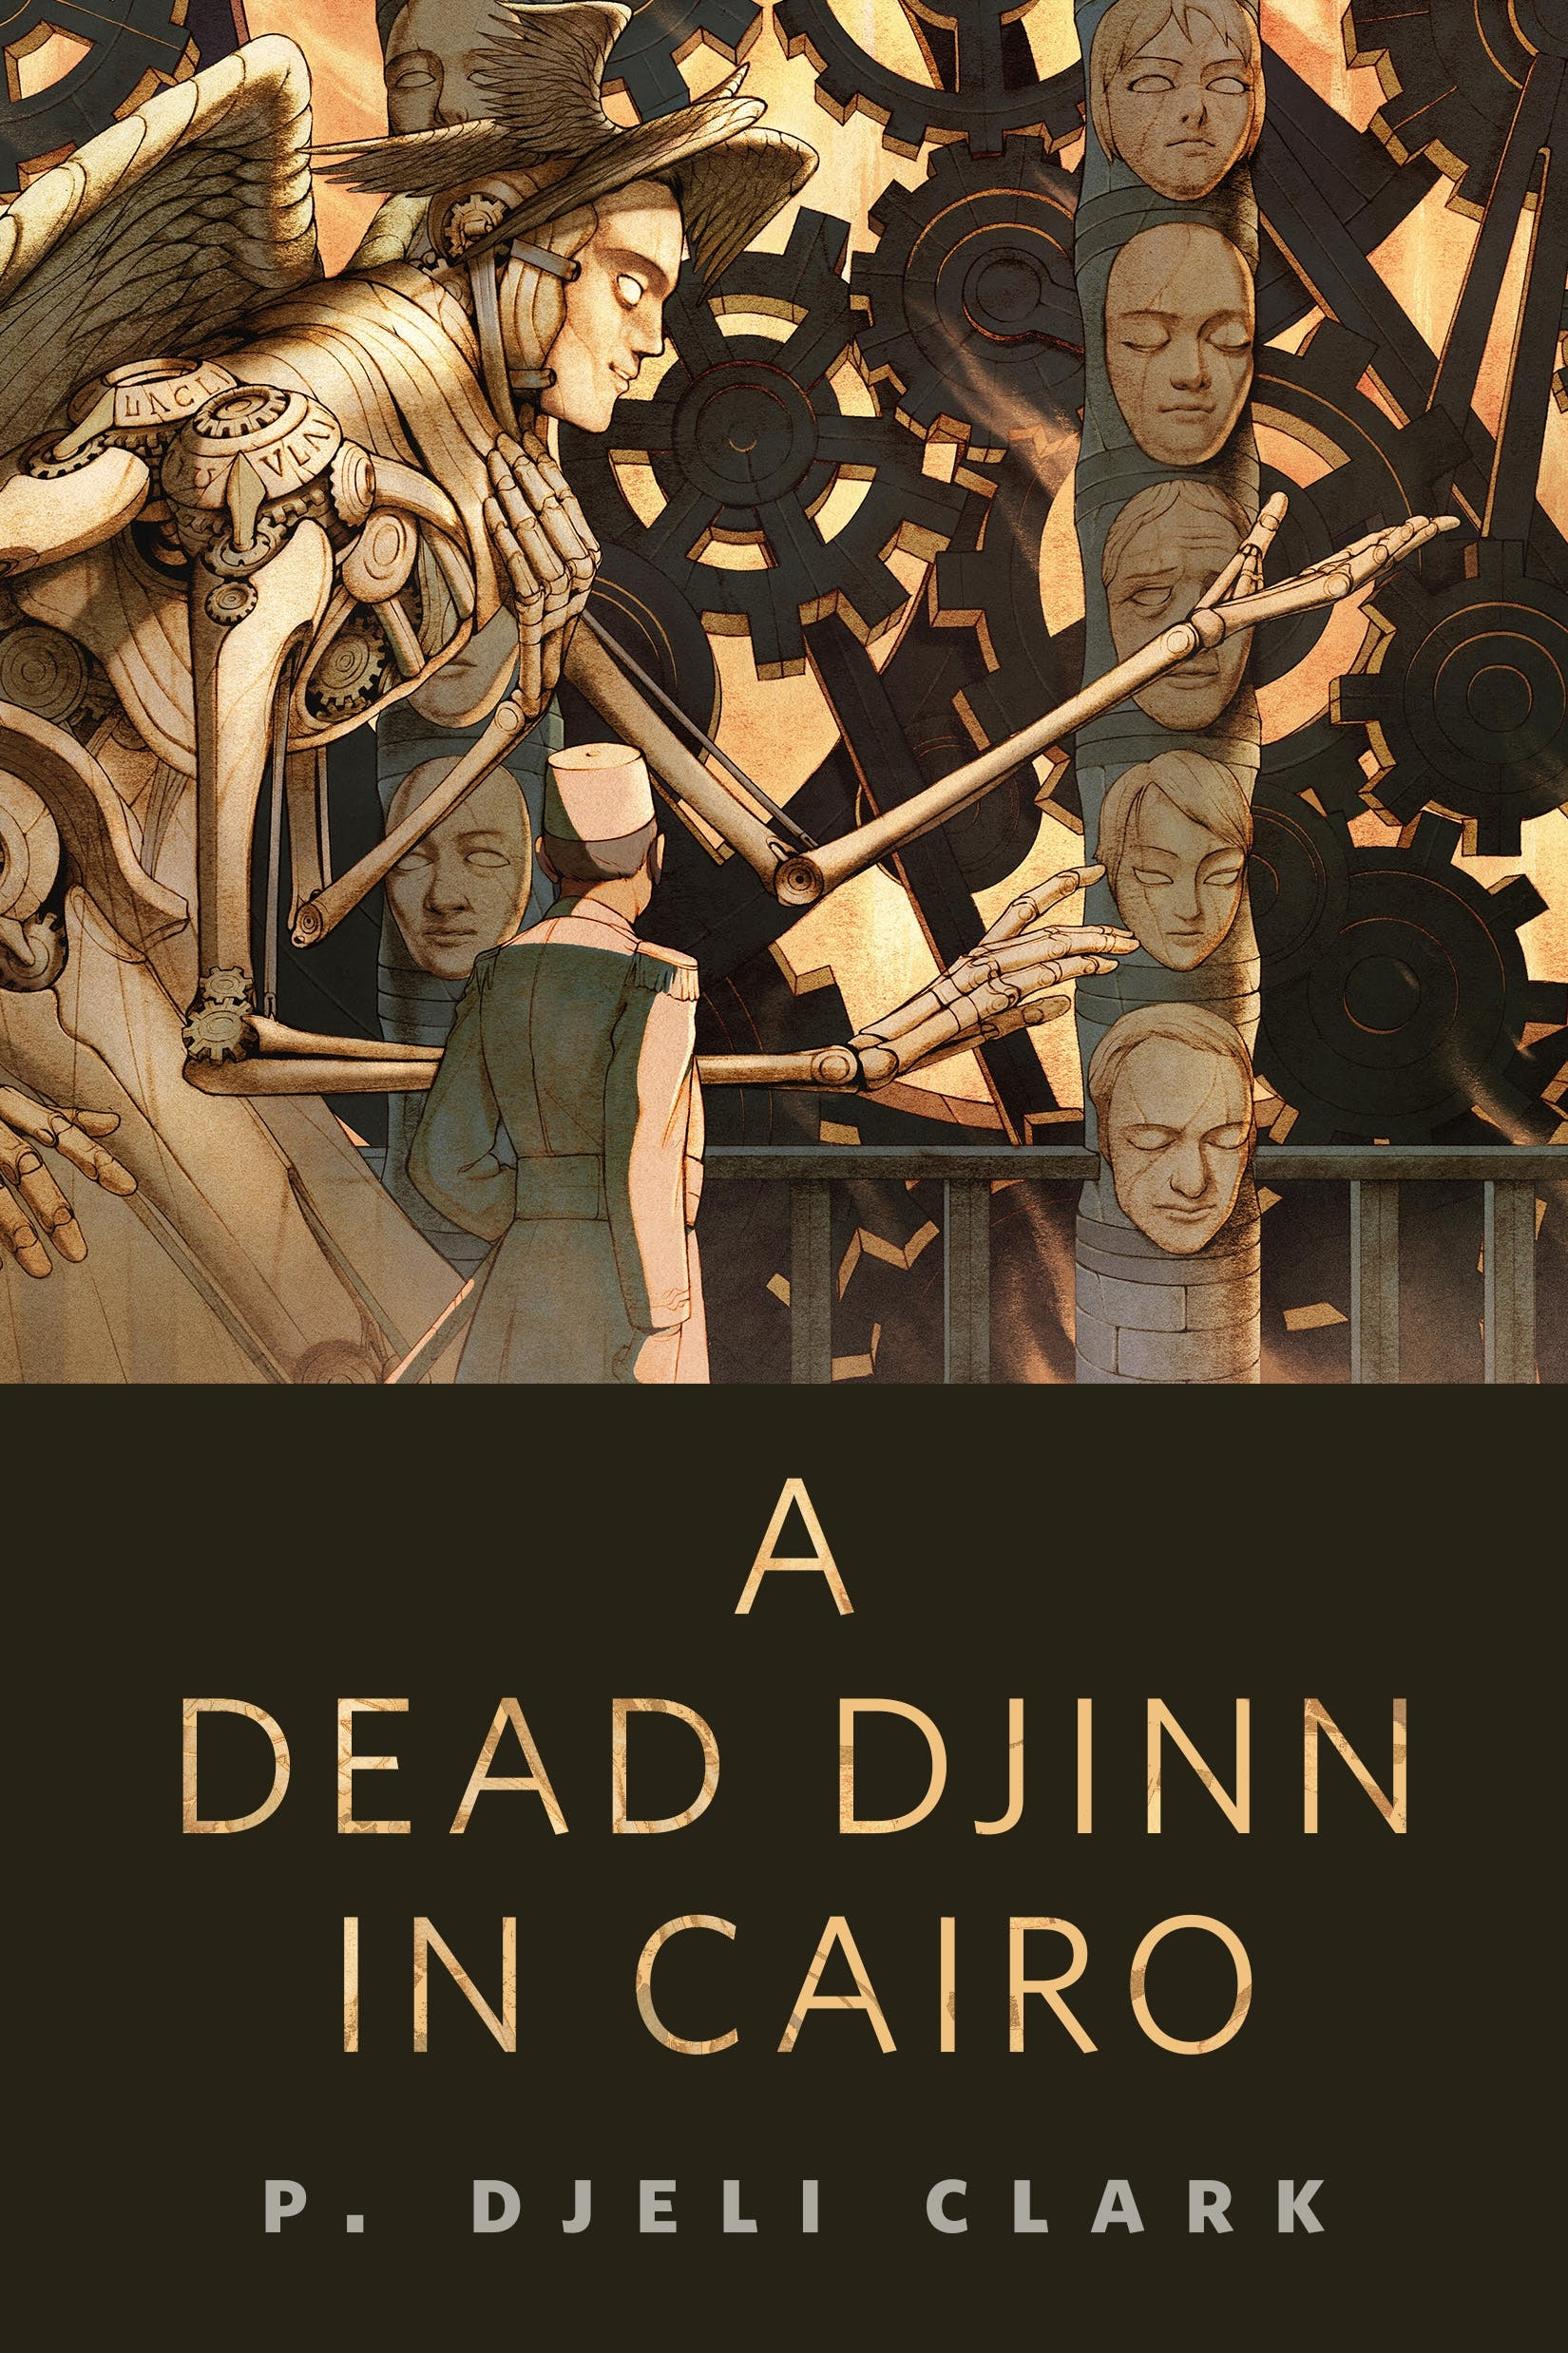 Image of A Dead Djinn in Cairo